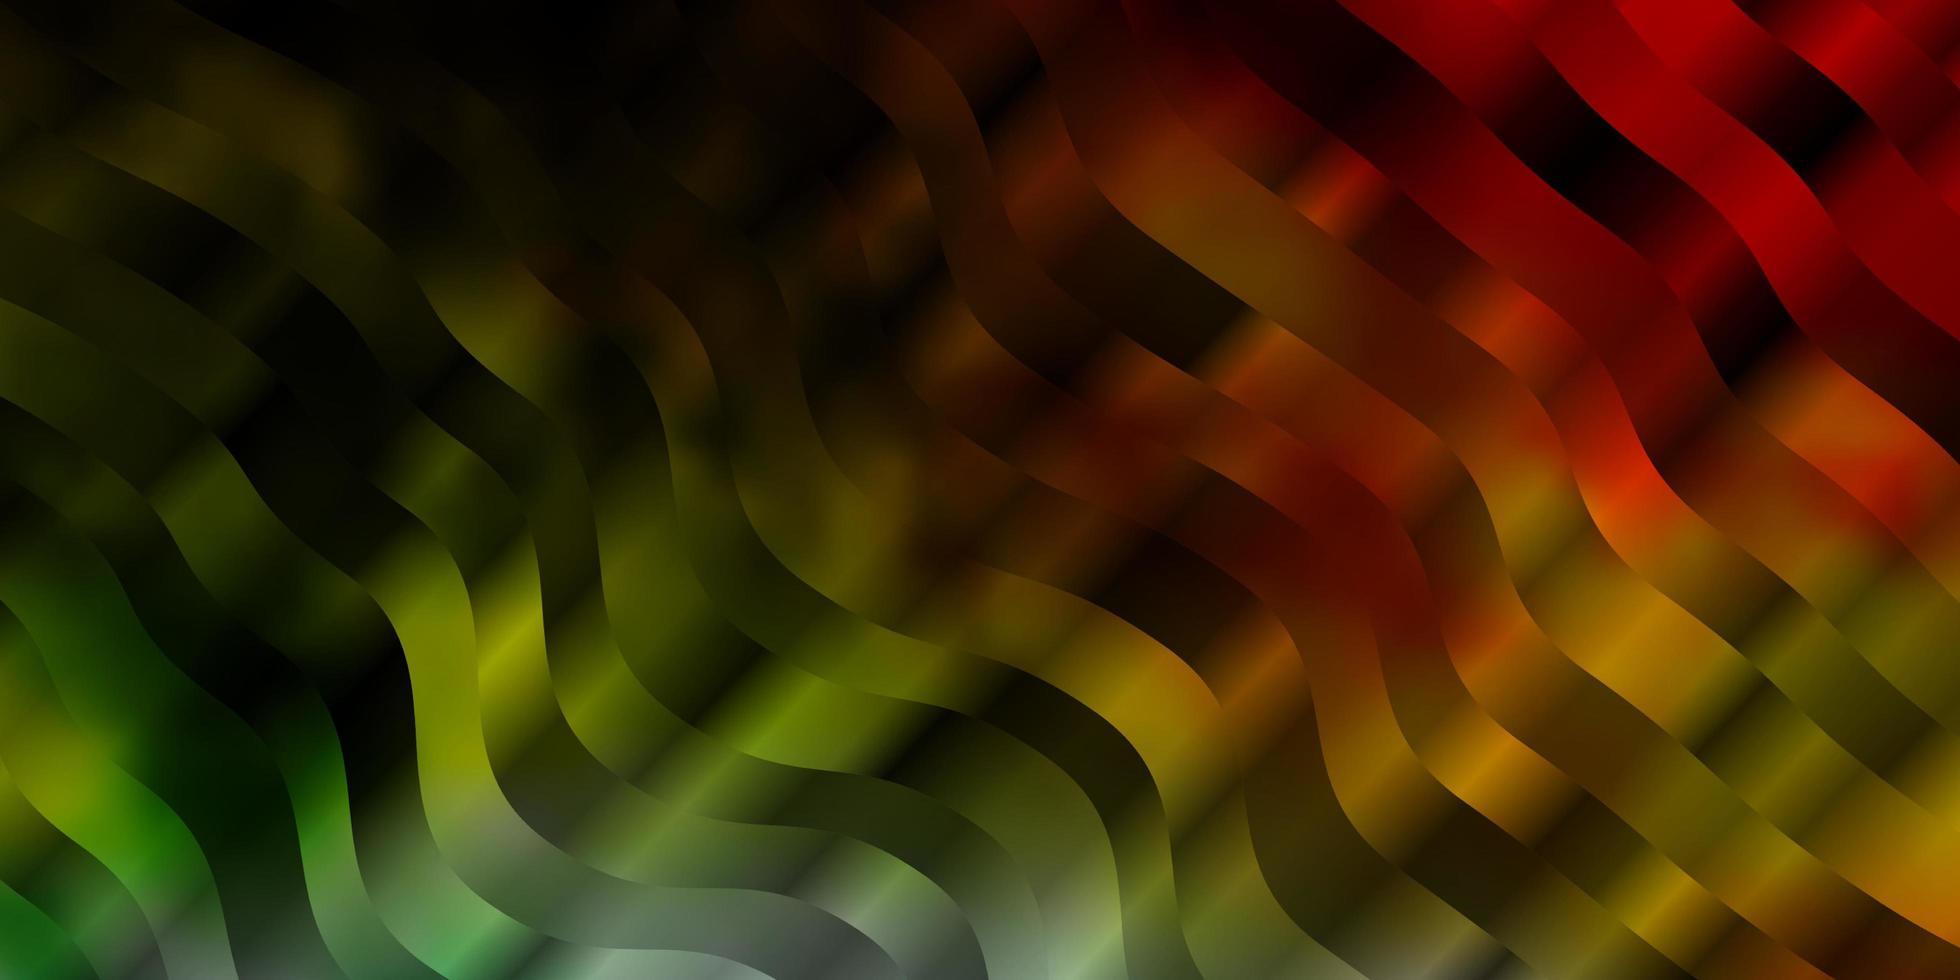 rotes und grünes Muster mit schiefen Linien. vektor